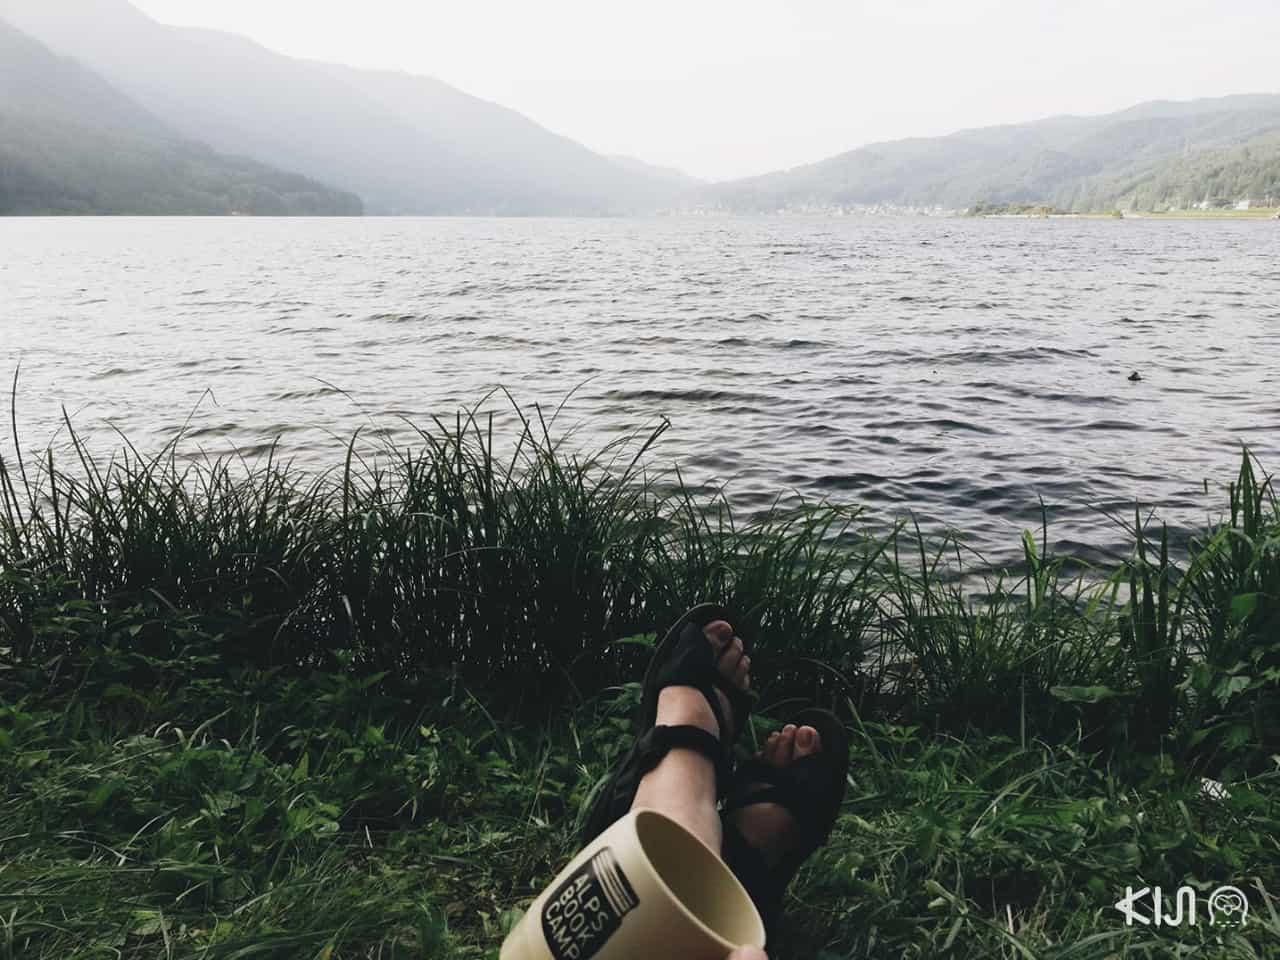 จิบกาแฟที่ใช้แก้วเฉพาะในงาน Alps Book Camp นั่งชิลริมทะเลสาบคิซากิ